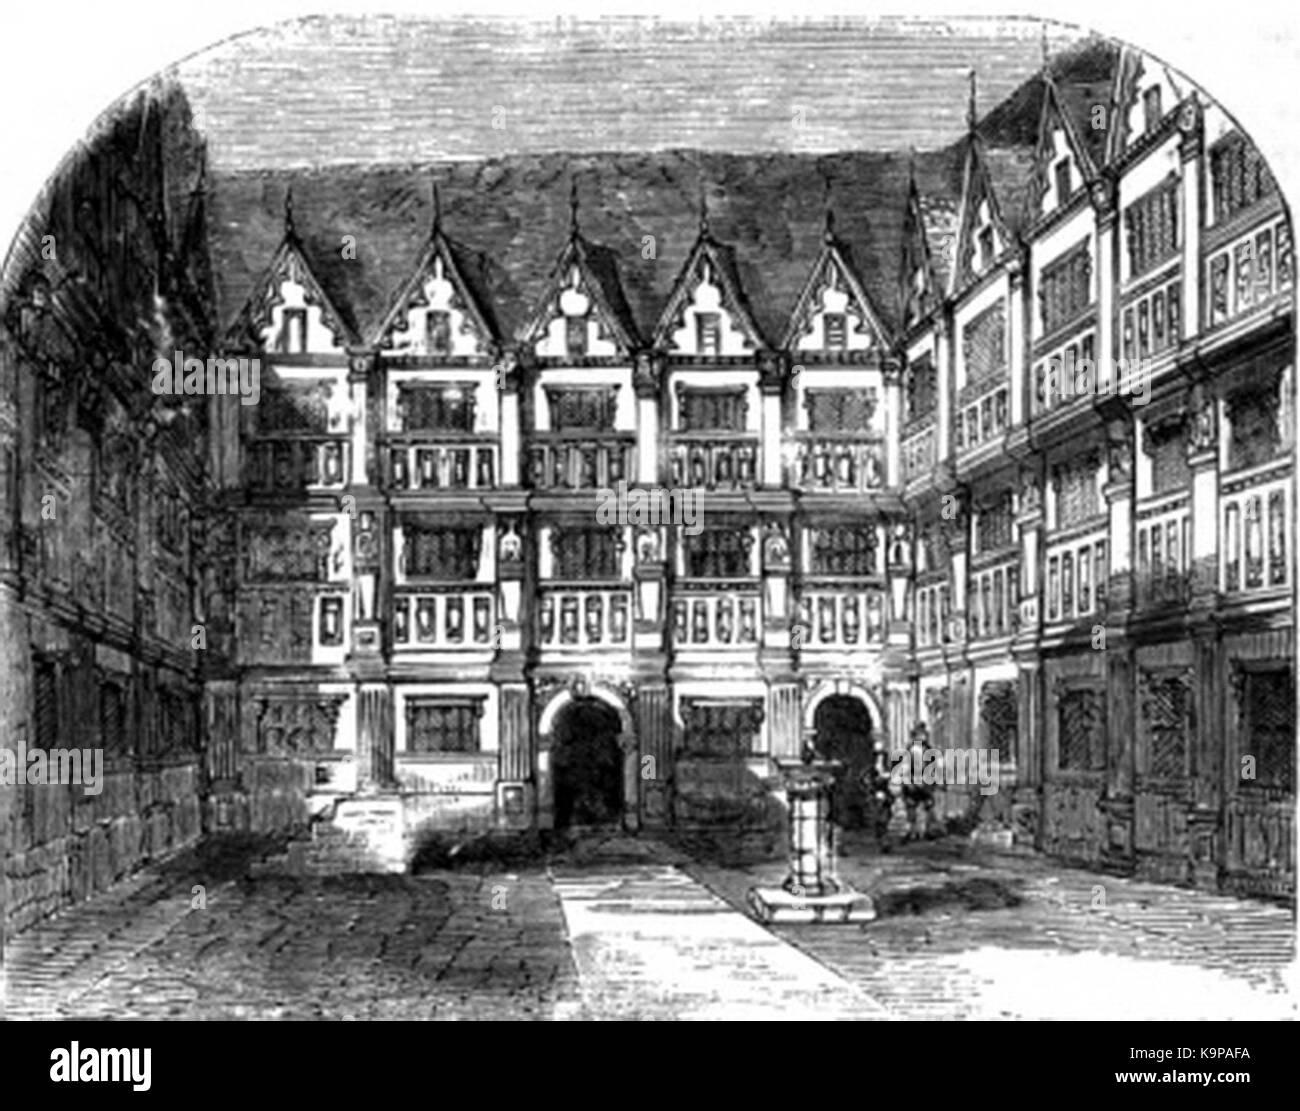 P480 House of Sir Thomas Gresham on Bishopsgate Syreet - Stock Image